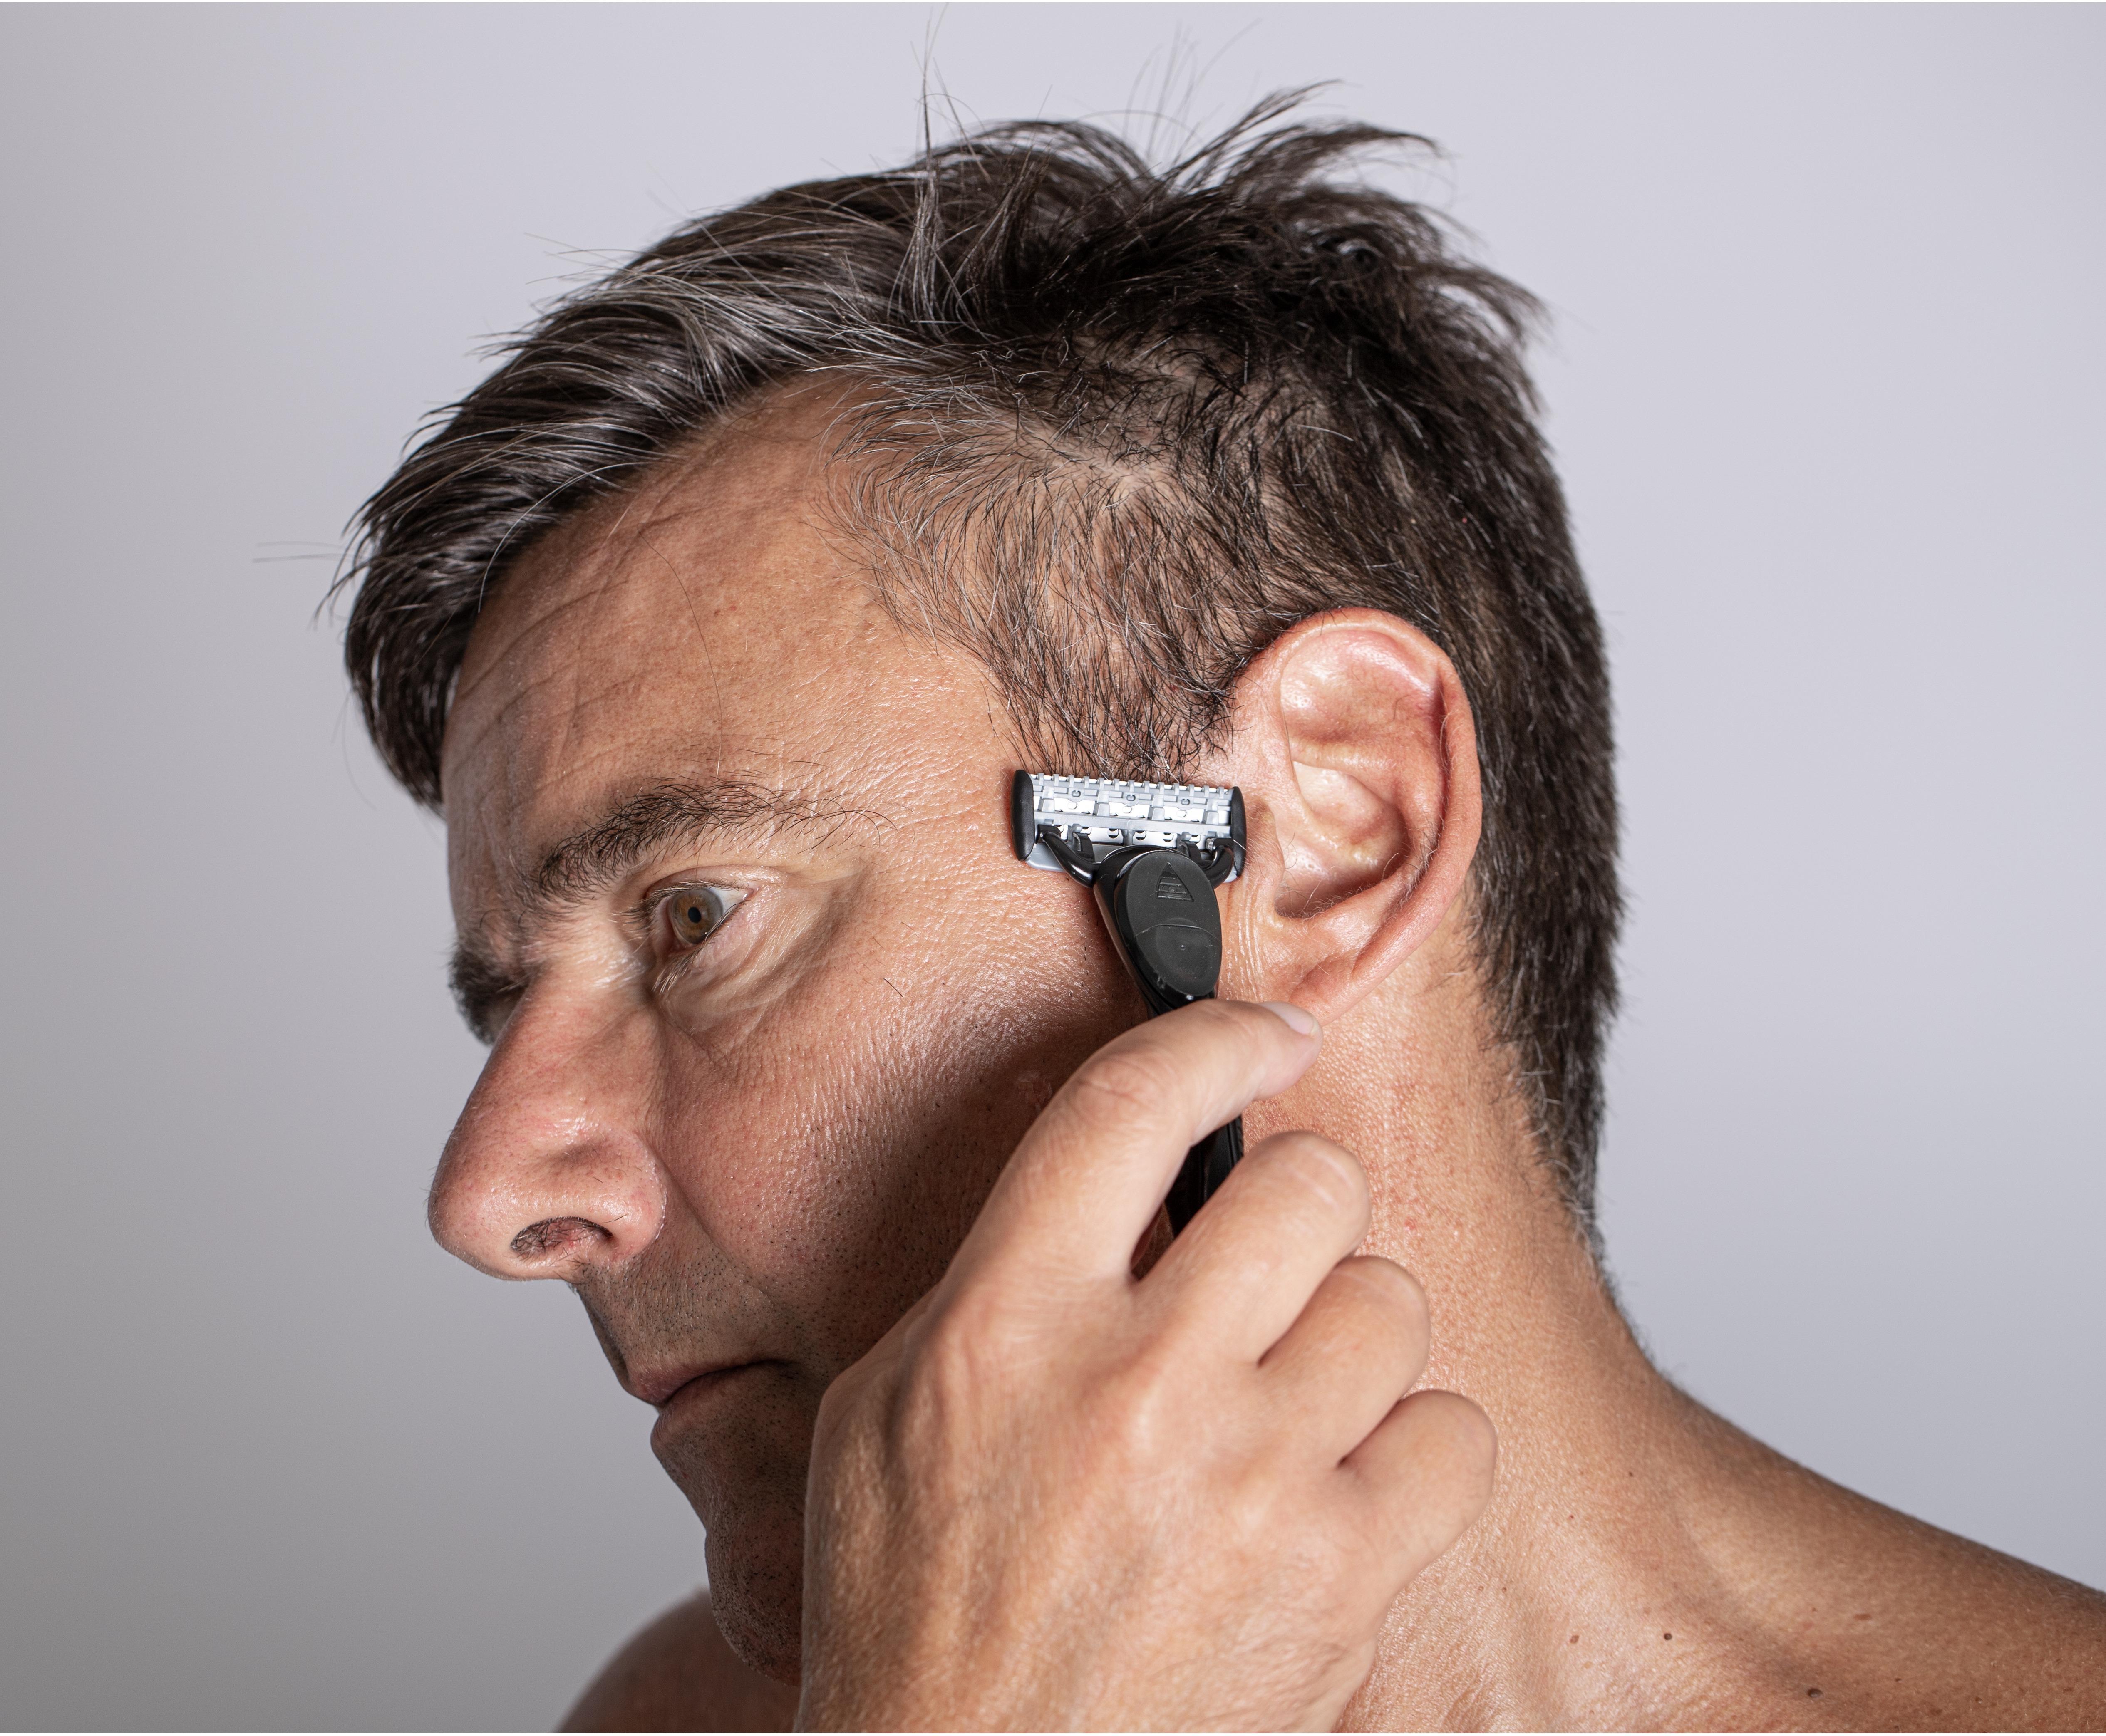 Undgå skægpest, indgroede hår og skægbumser